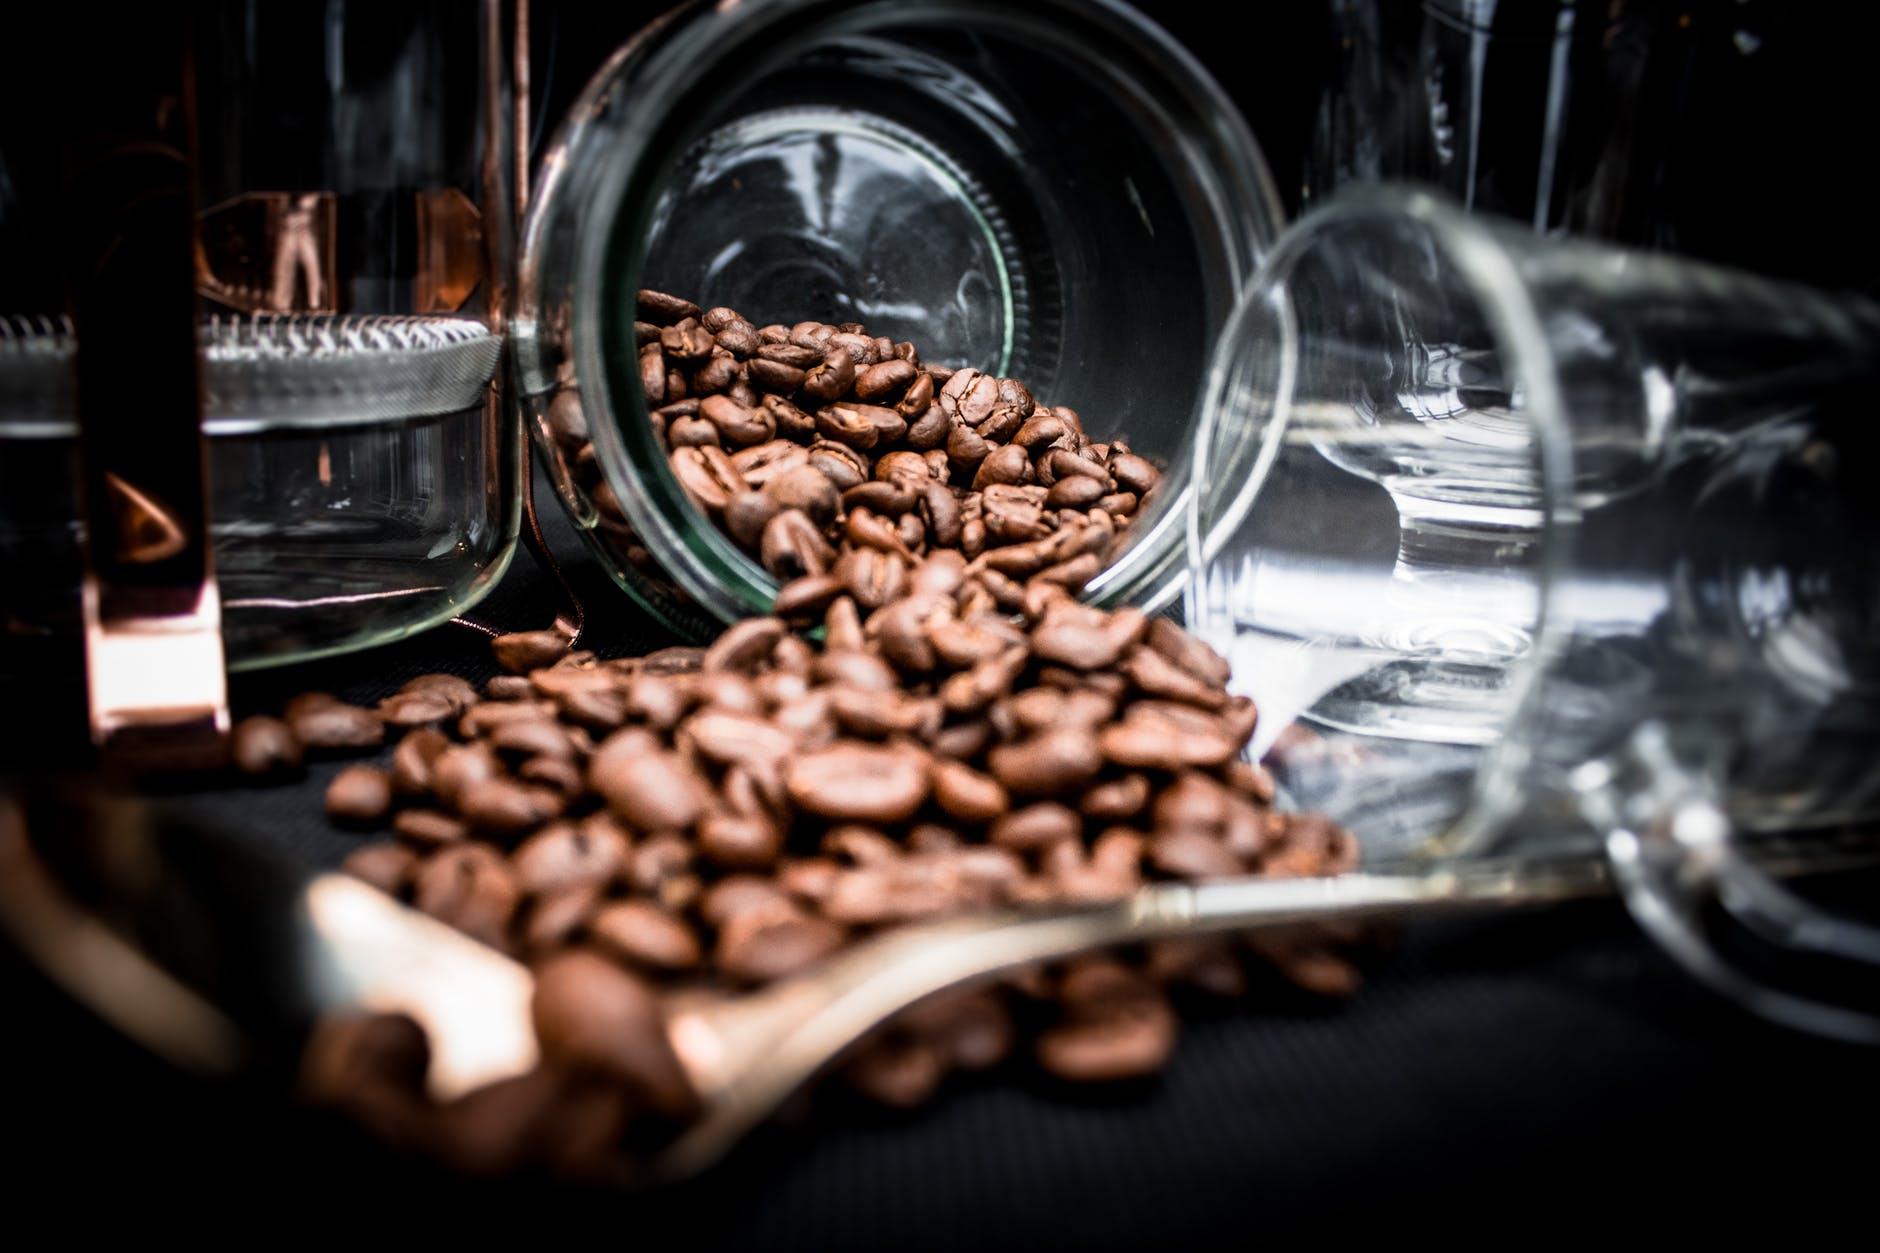 Tanzanya Kahvesi, Tanzania Coffee